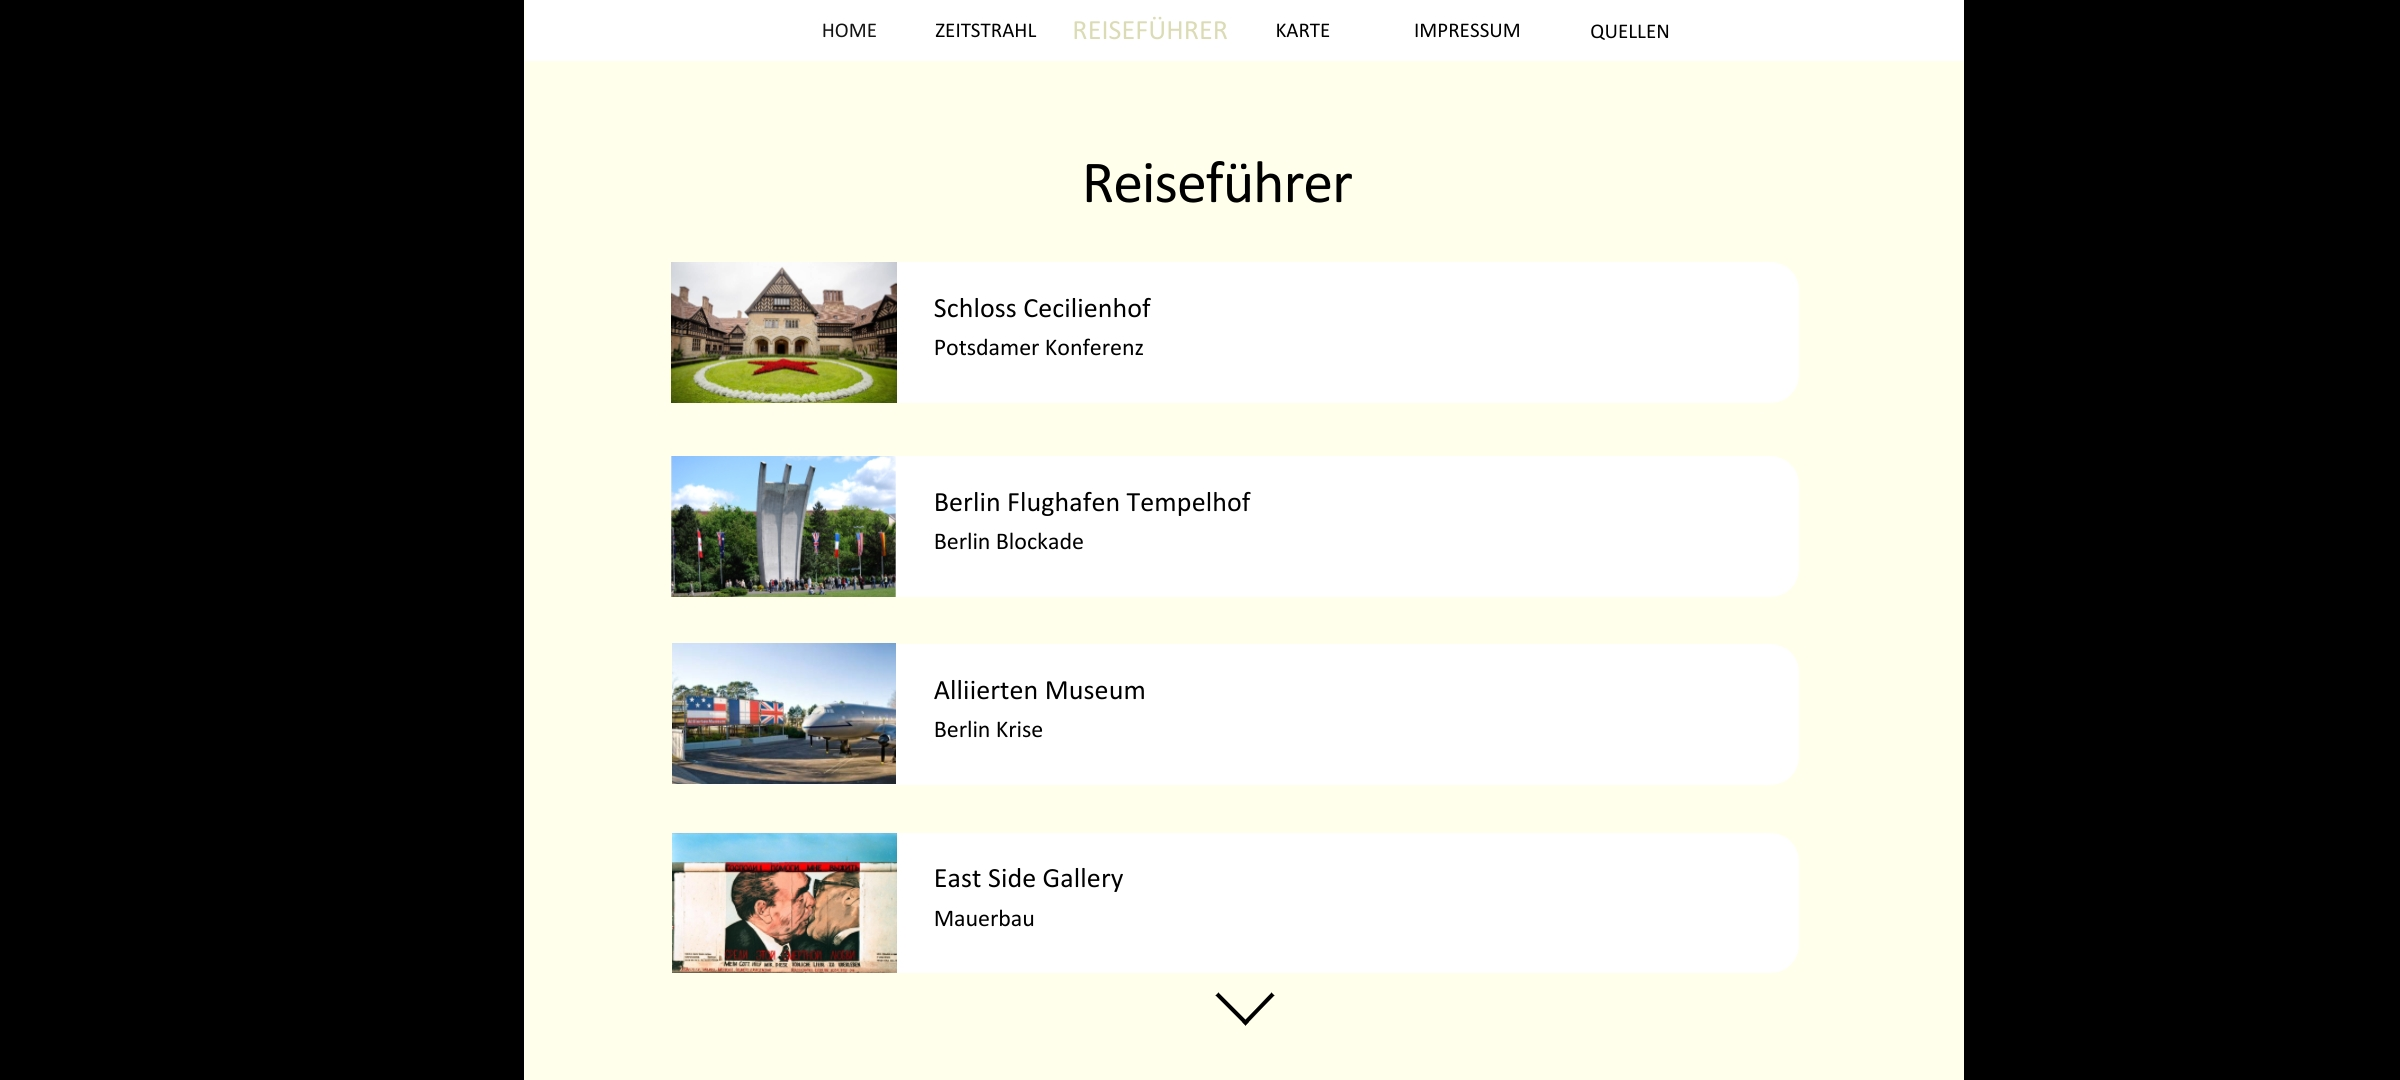 Reiseführer1